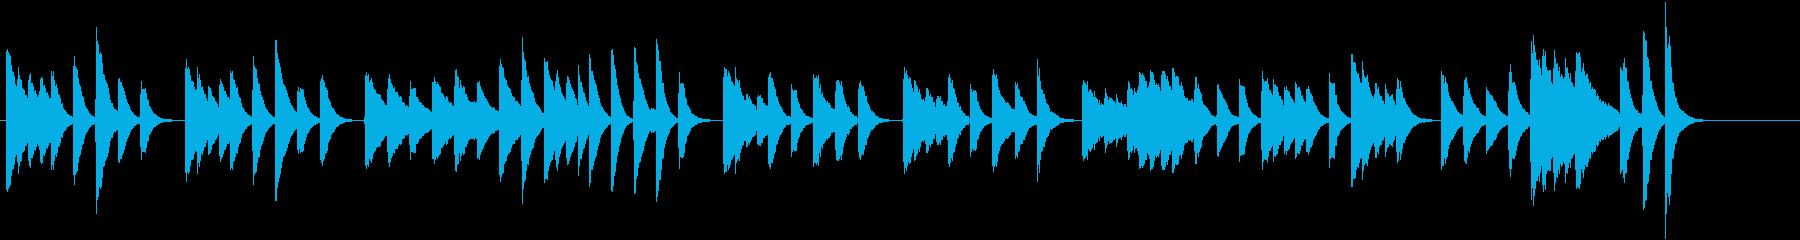 猫動画に♪ほんわかメロディピアノジングルの再生済みの波形